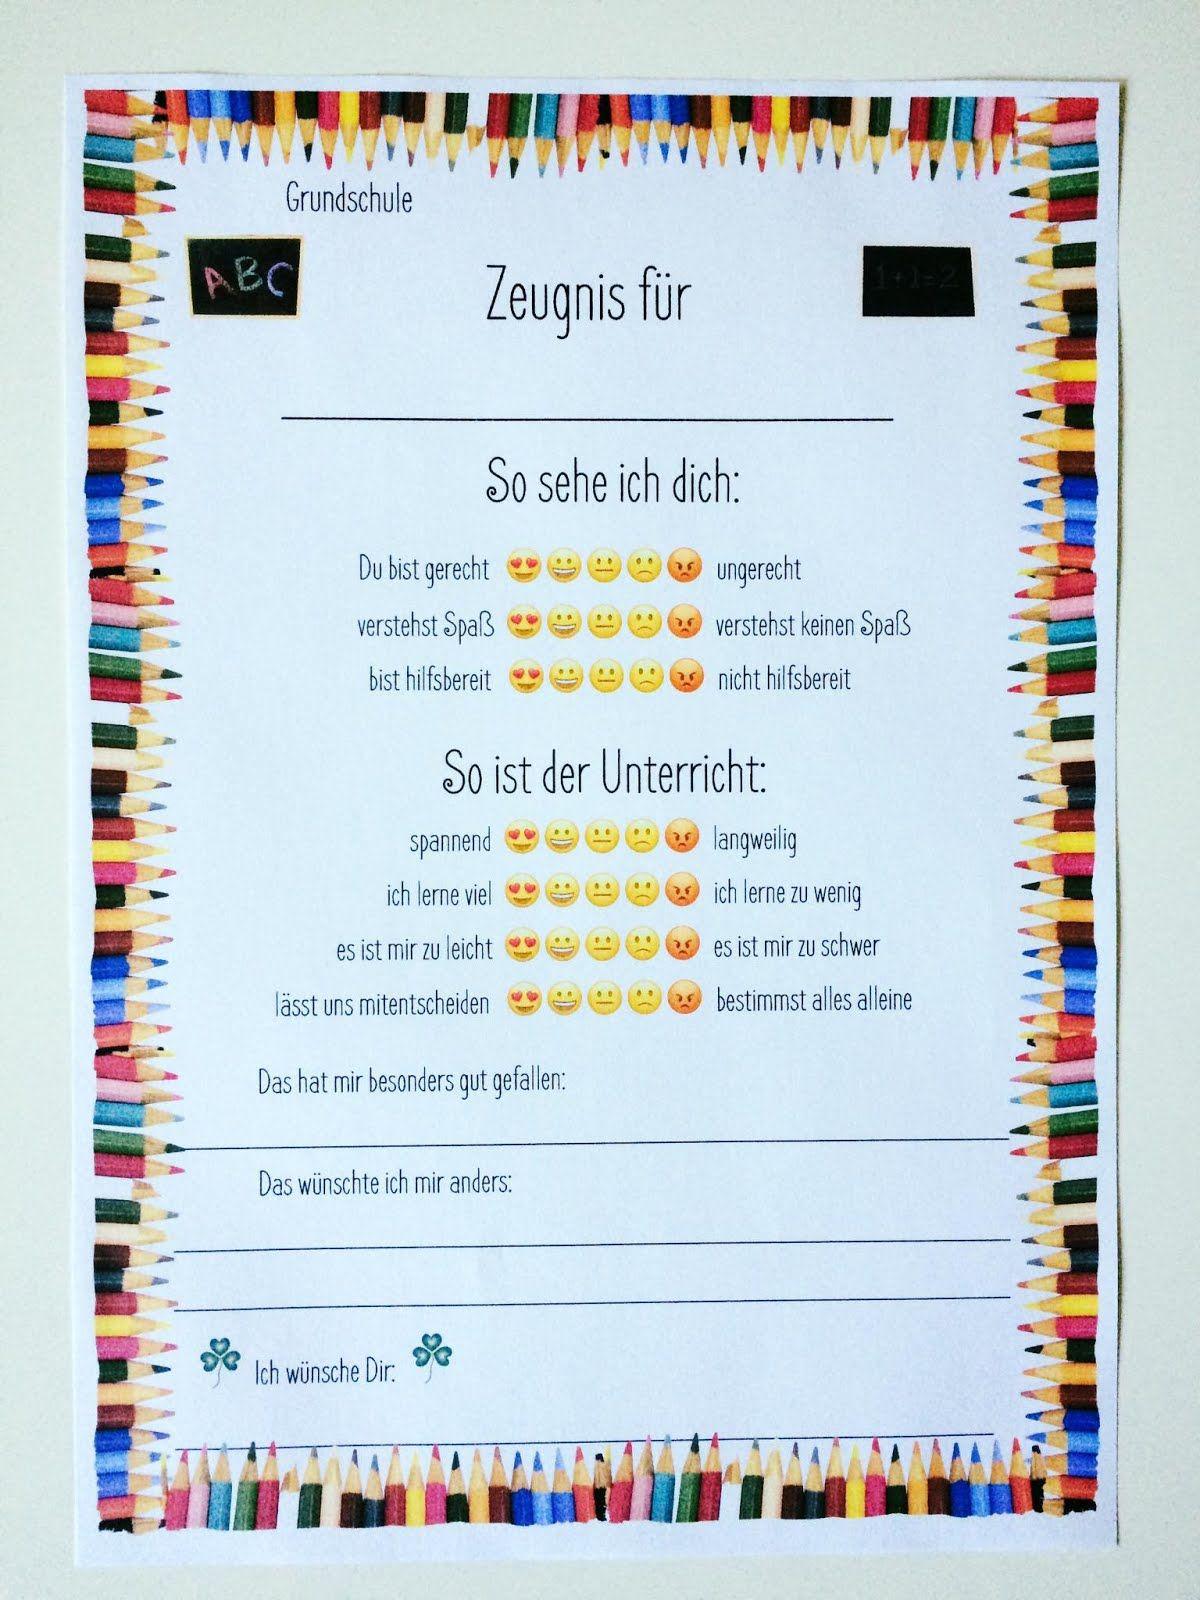 Grundschul_Teacher (Mit Bildern) | Zeugnis Grundschule bei Verabschiedung Lehrerin Grundschule Spruch